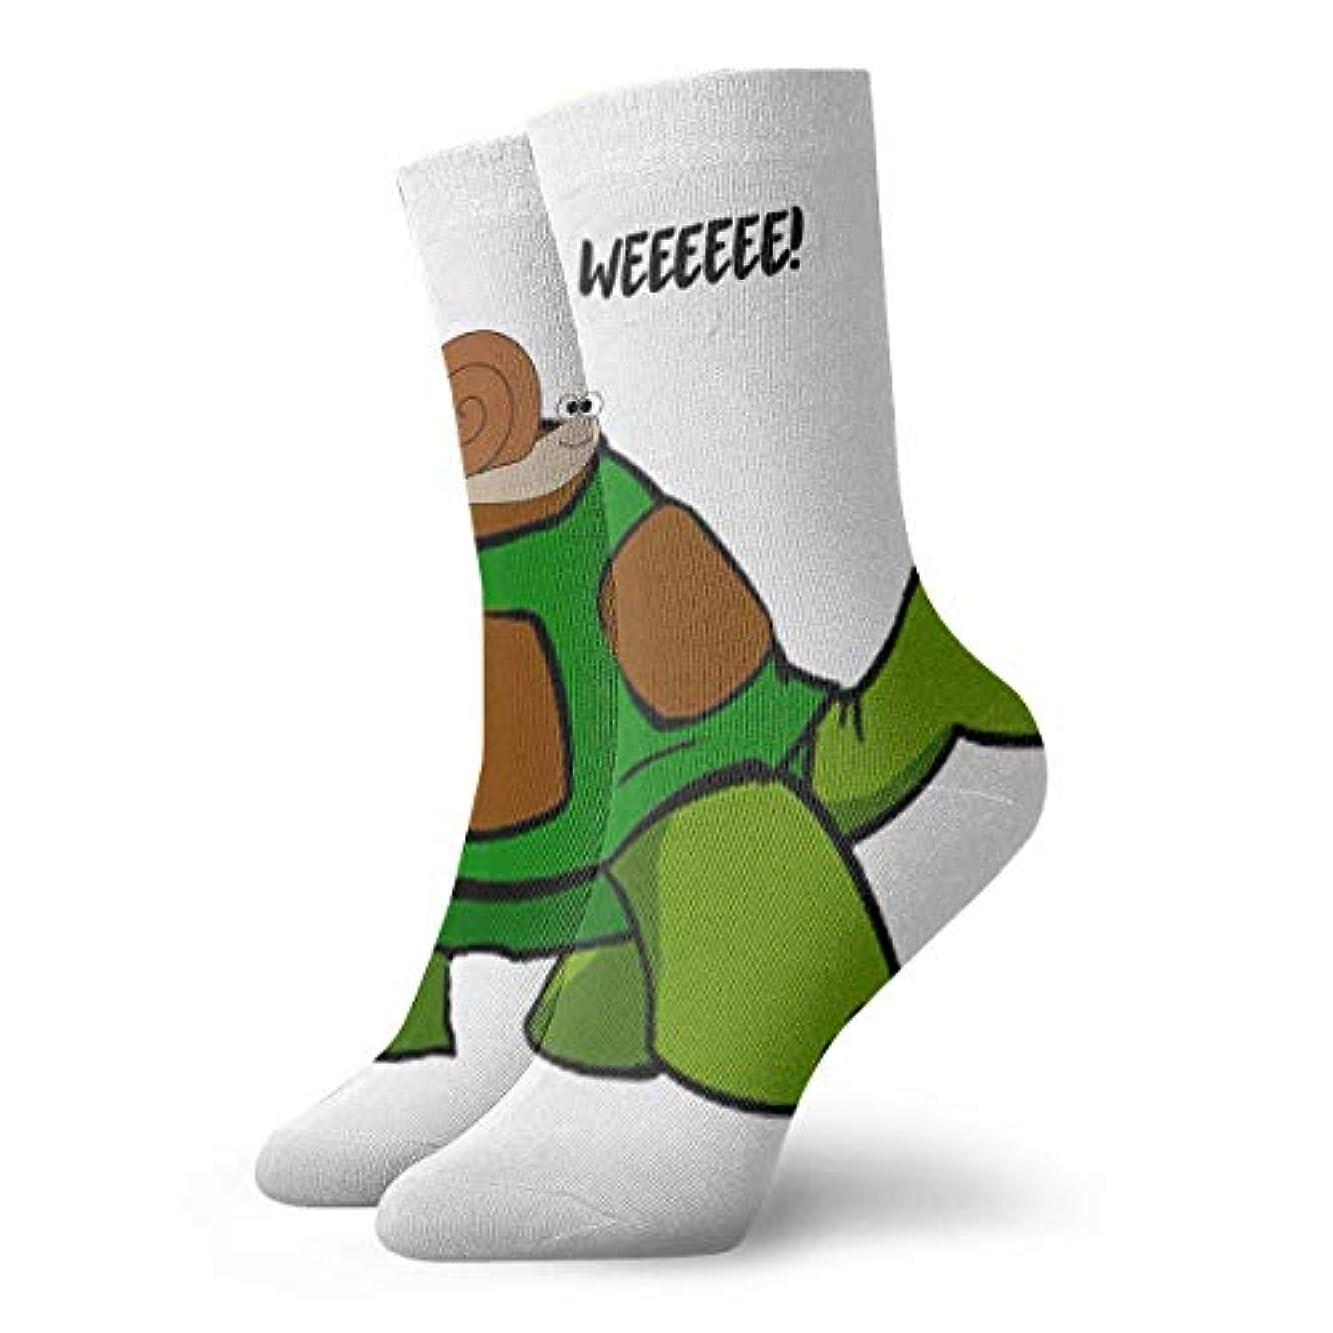 デザート抑圧する嬉しいですqrriyクリスマスソックス面白いカタツムリ遅いタートルライド非スリップ家庭床ソックス冬居心地の良いスリッパ靴下女性男性